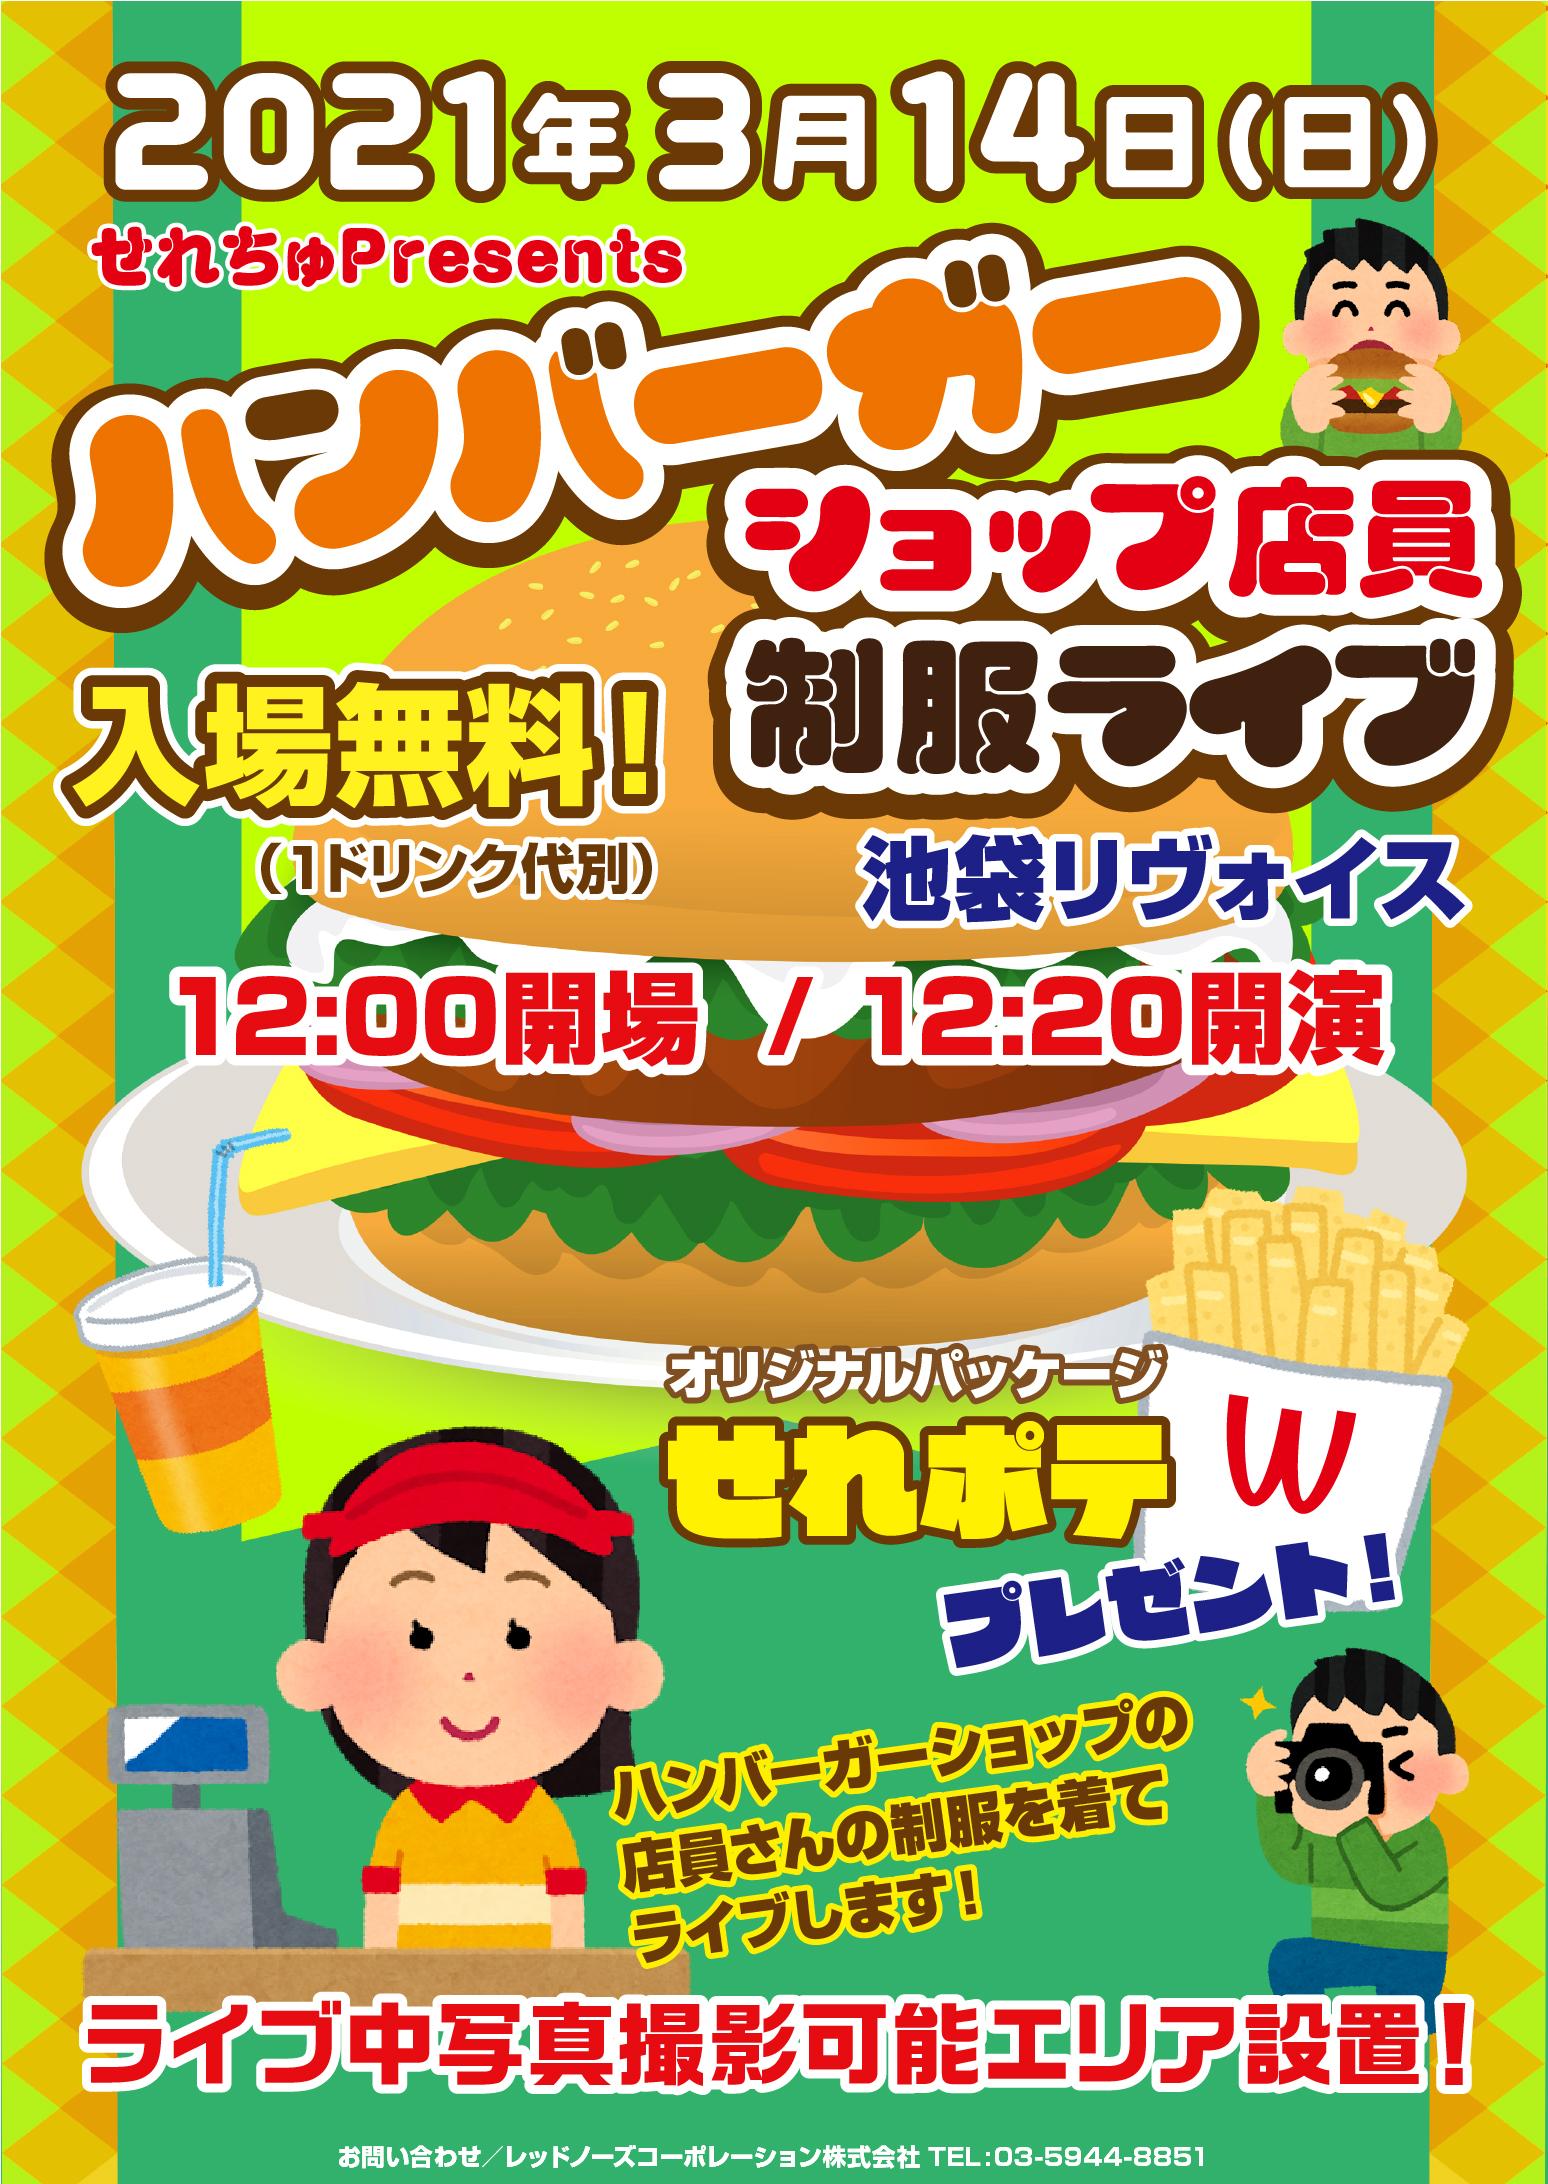 せれちゅPresents『ハンバーガーショップ店員制服ライブ』